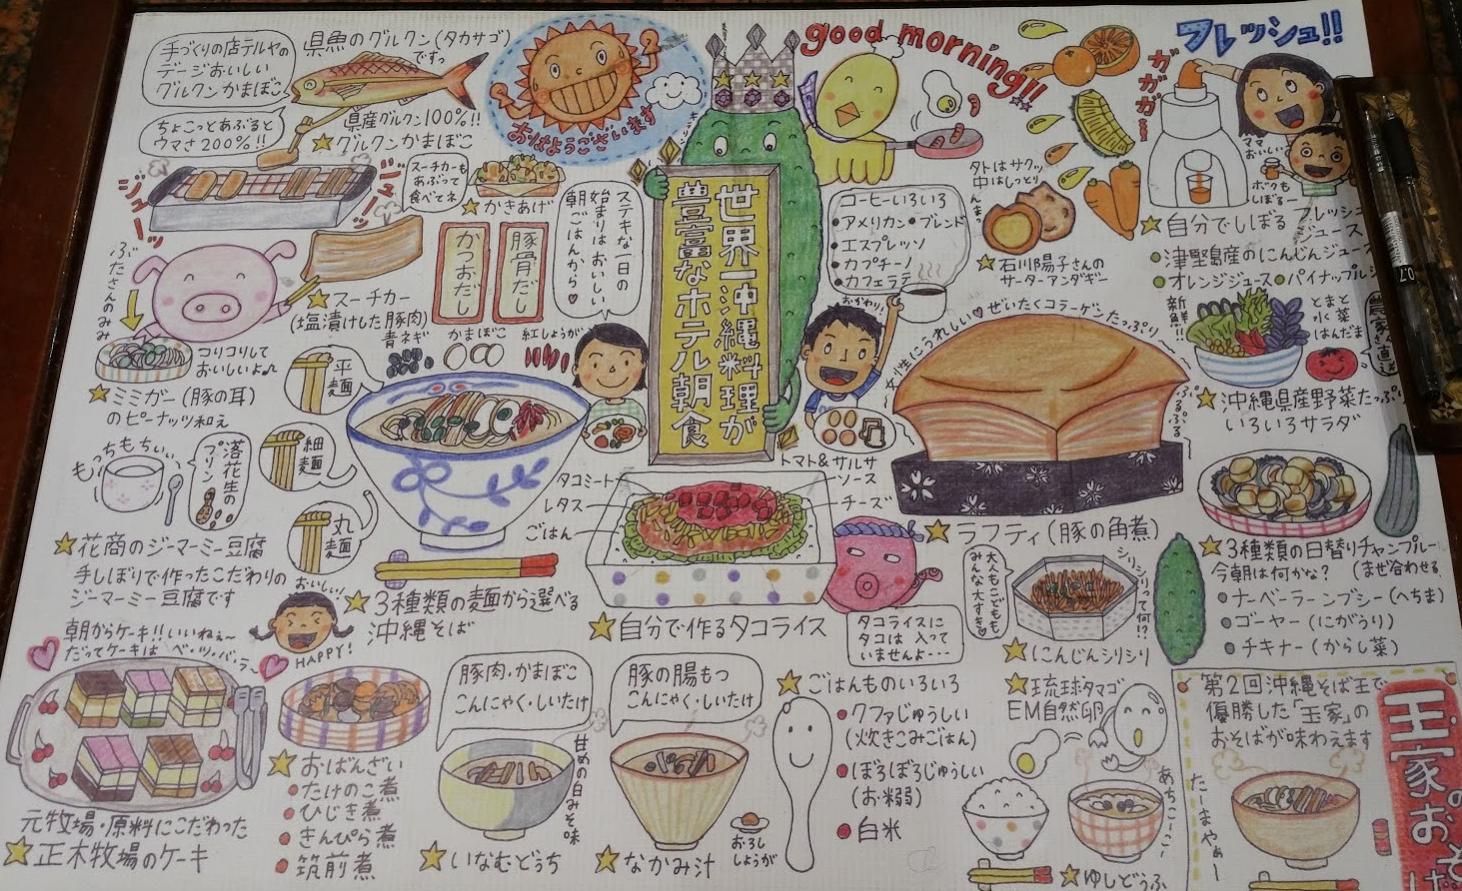 【沖縄】沖縄料理をコスパで食べ尽くすならホテルオーシャンの朝食バイキング 21